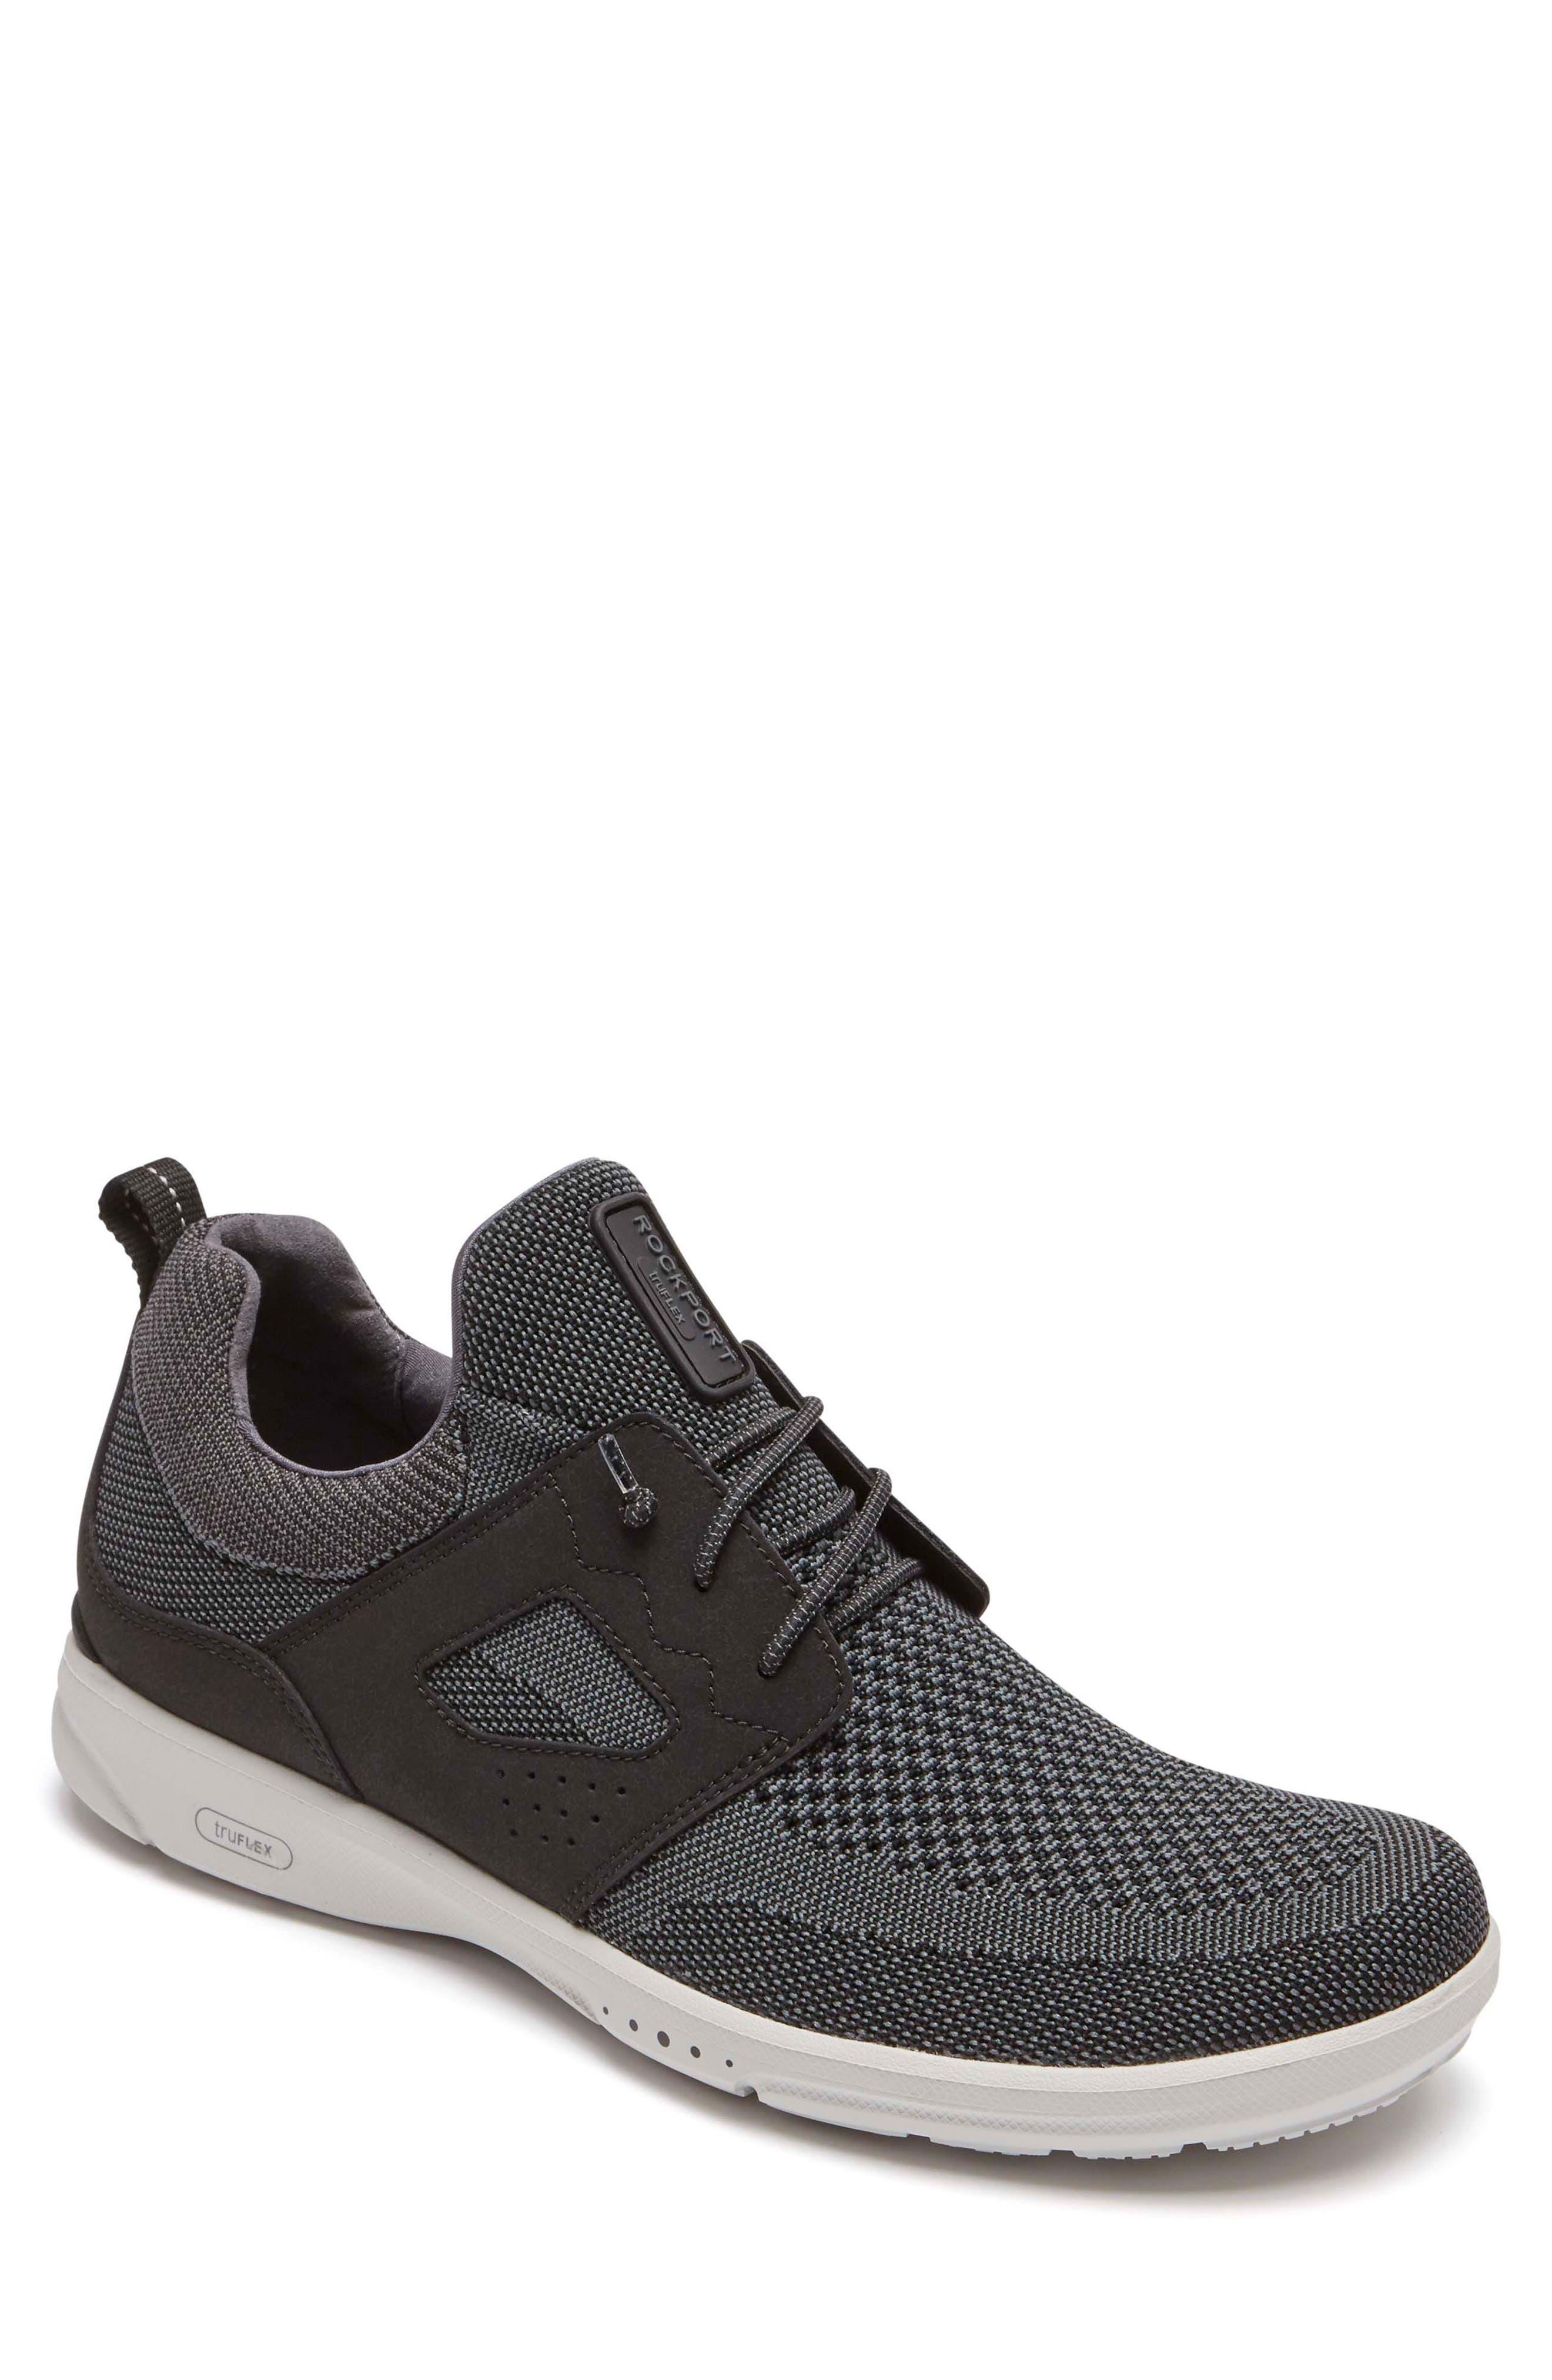 truFlex Sneaker,                         Main,                         color, 001